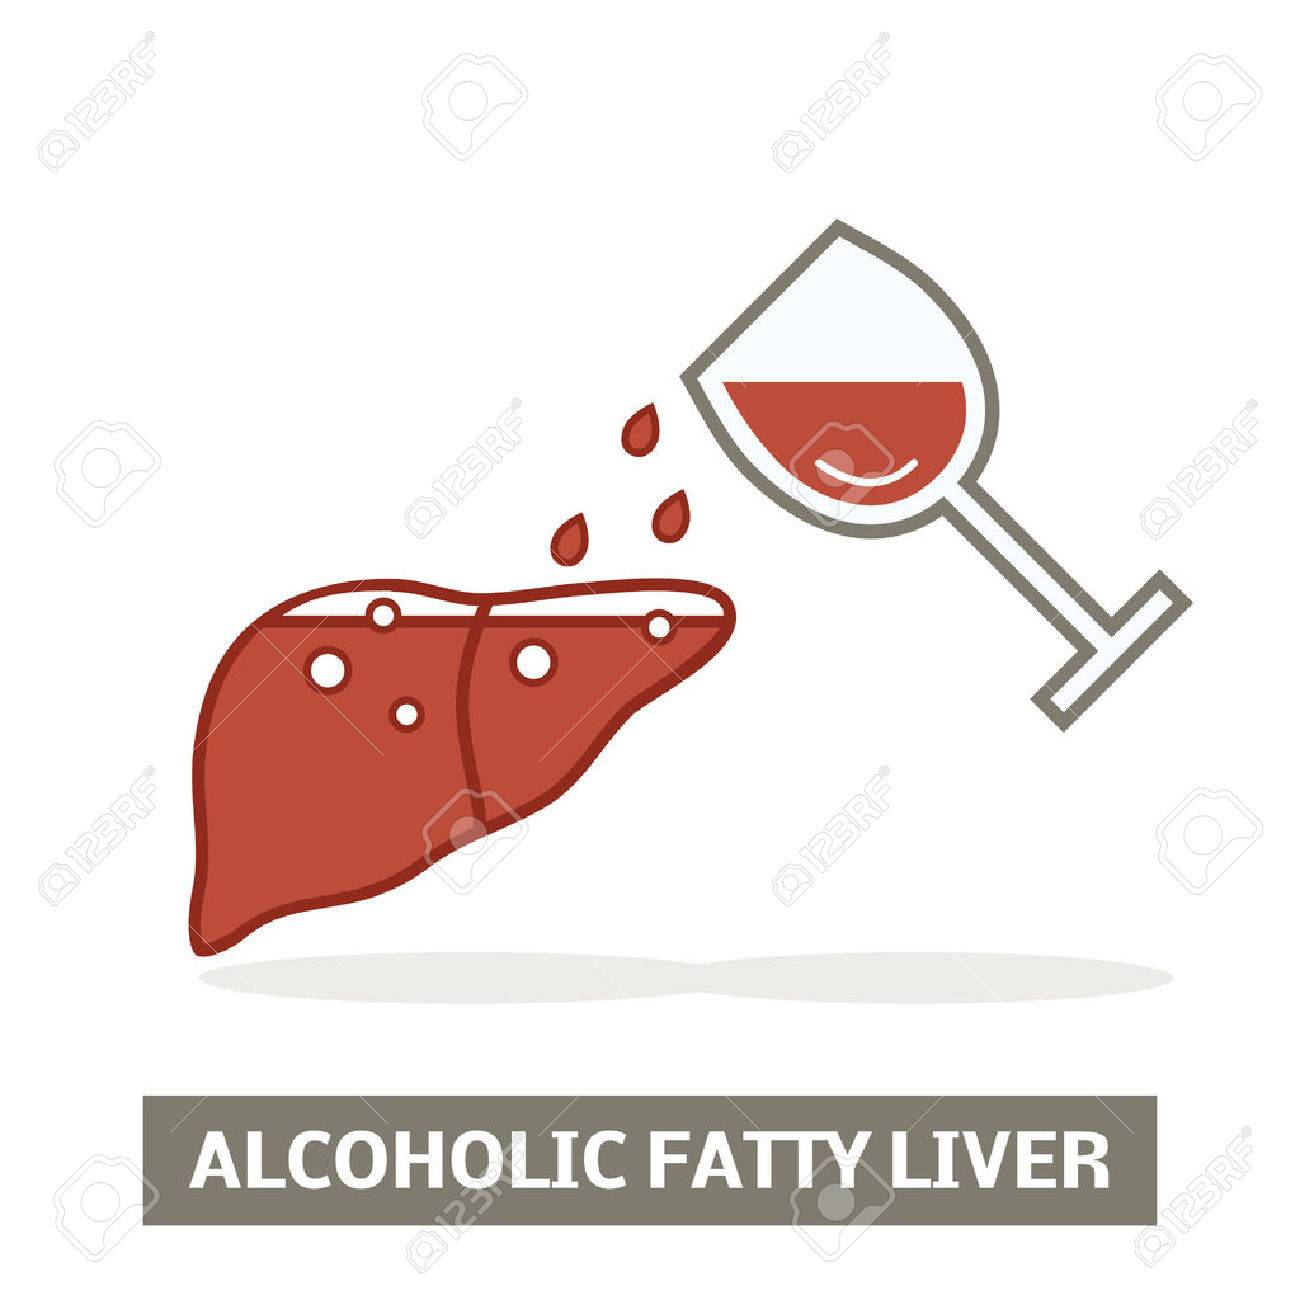 Alcoholic fatty liver concept - 67284979